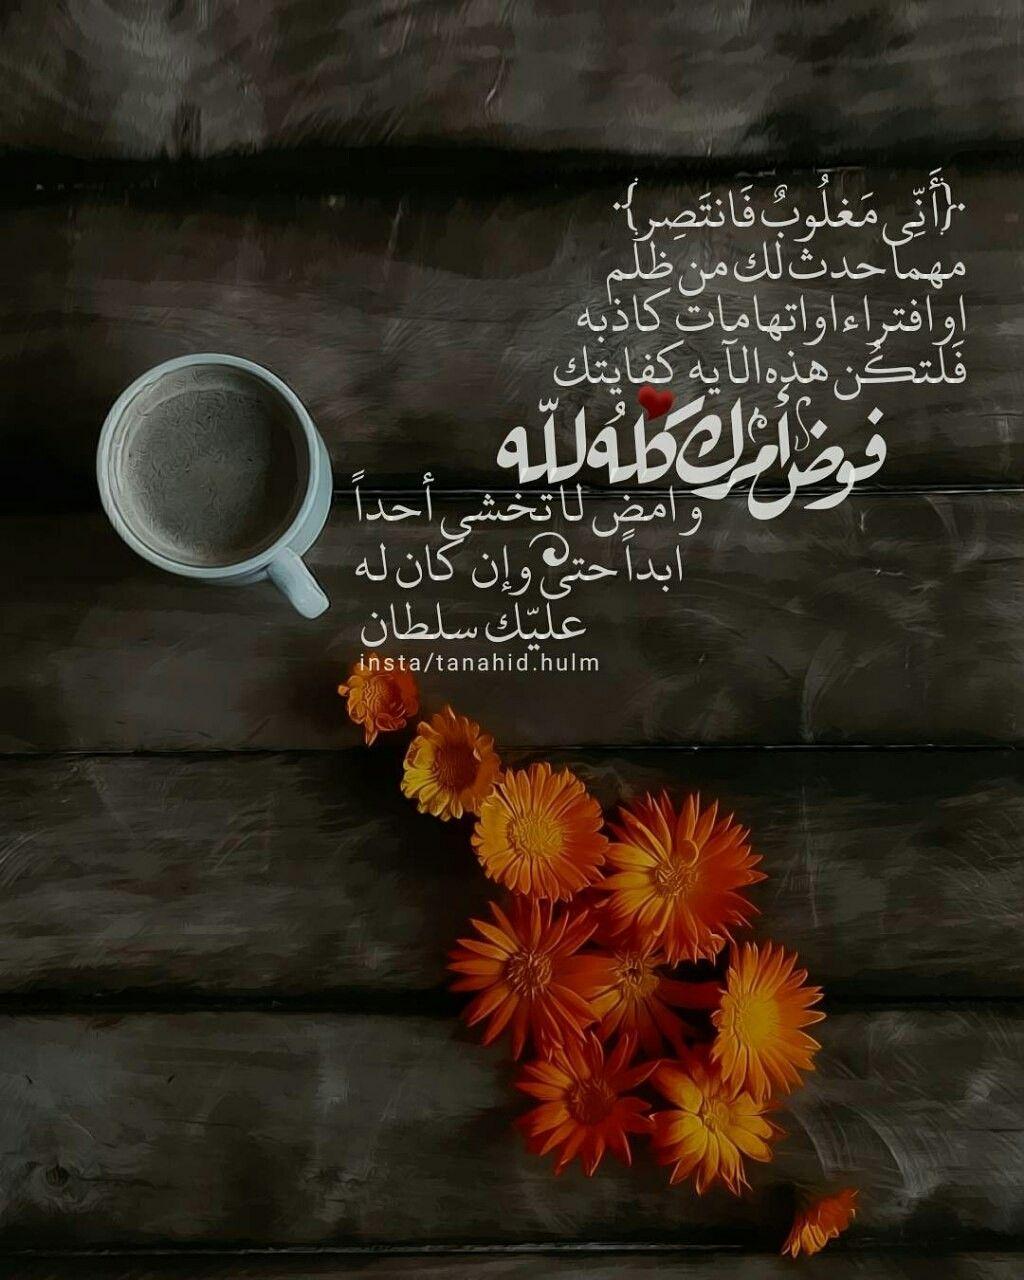 فوضت أمري إلى الله Islamic Pictures Holy Quran Islam